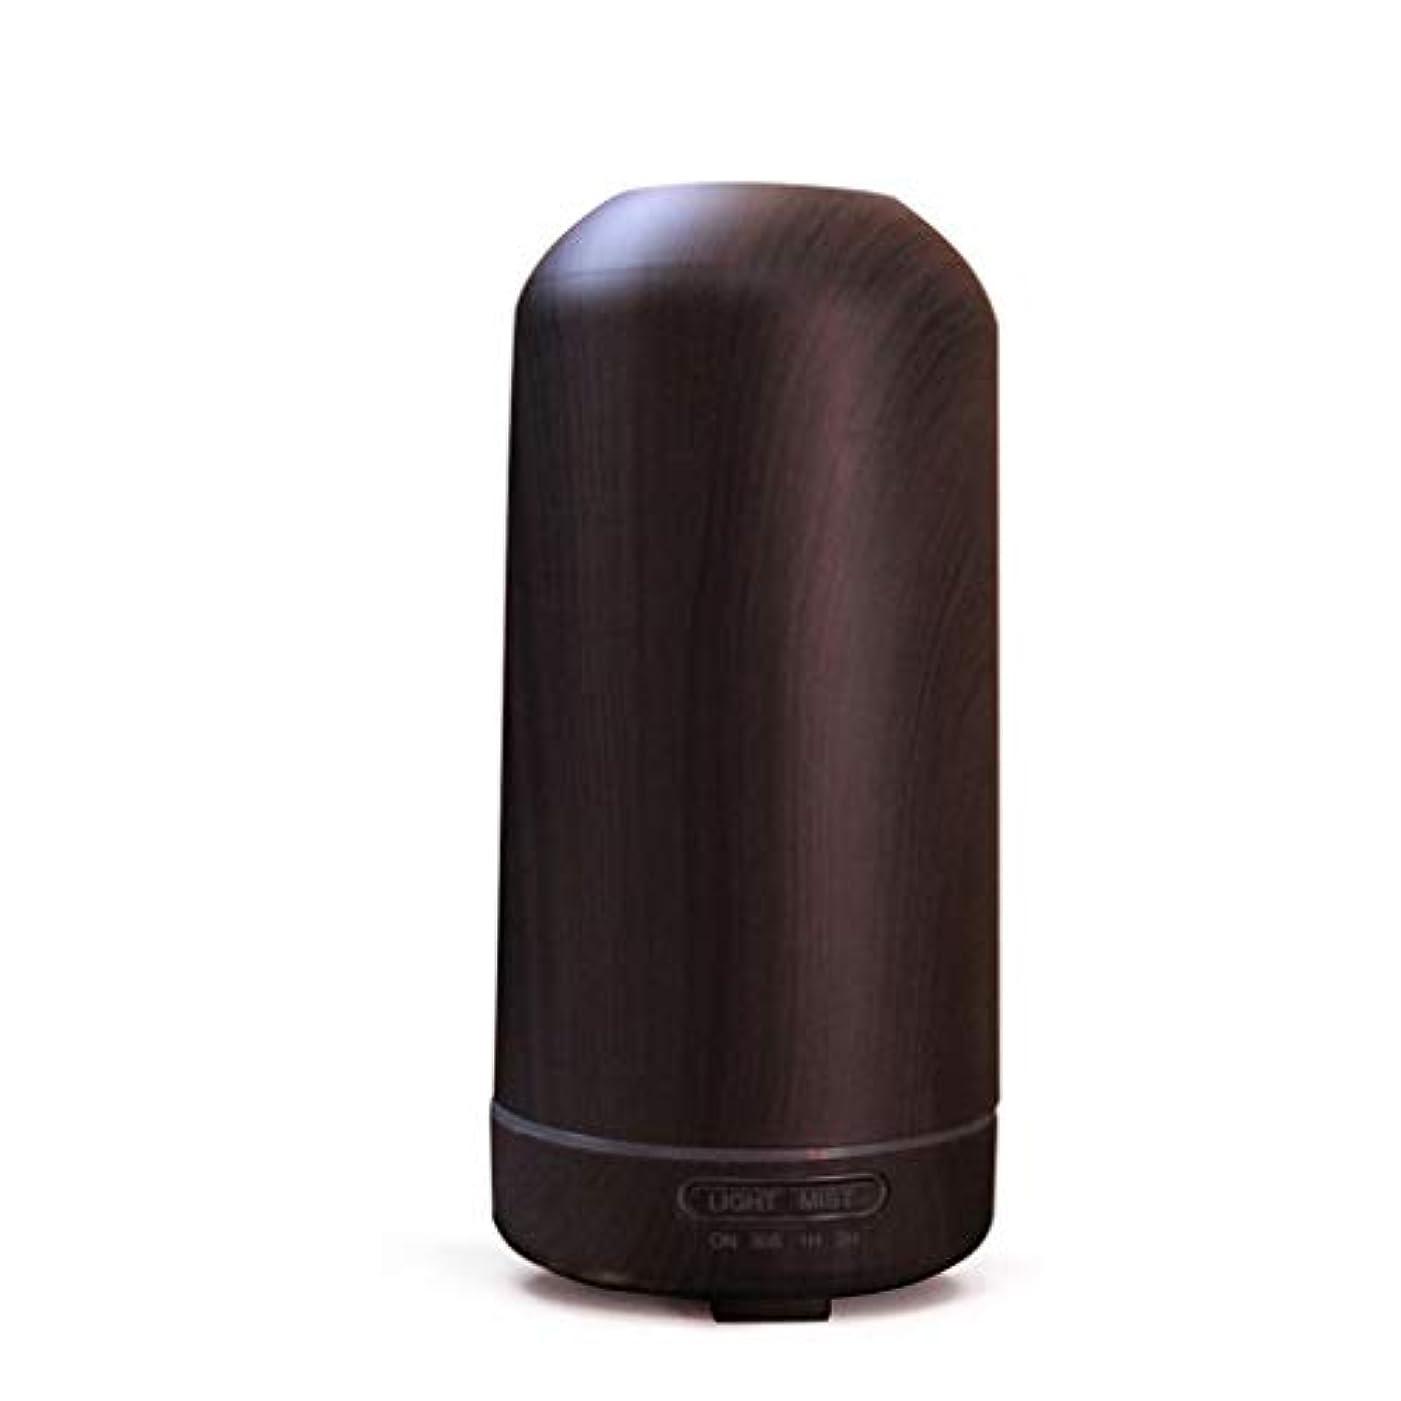 マット鉱夫プラスチック100ミリリットル超音波クールミスト加湿器カラーLEDライト付きホームヨガオフィススパ寝室ベビールーム - ウッドグレインディフューザー (Color : Dark wood grain)